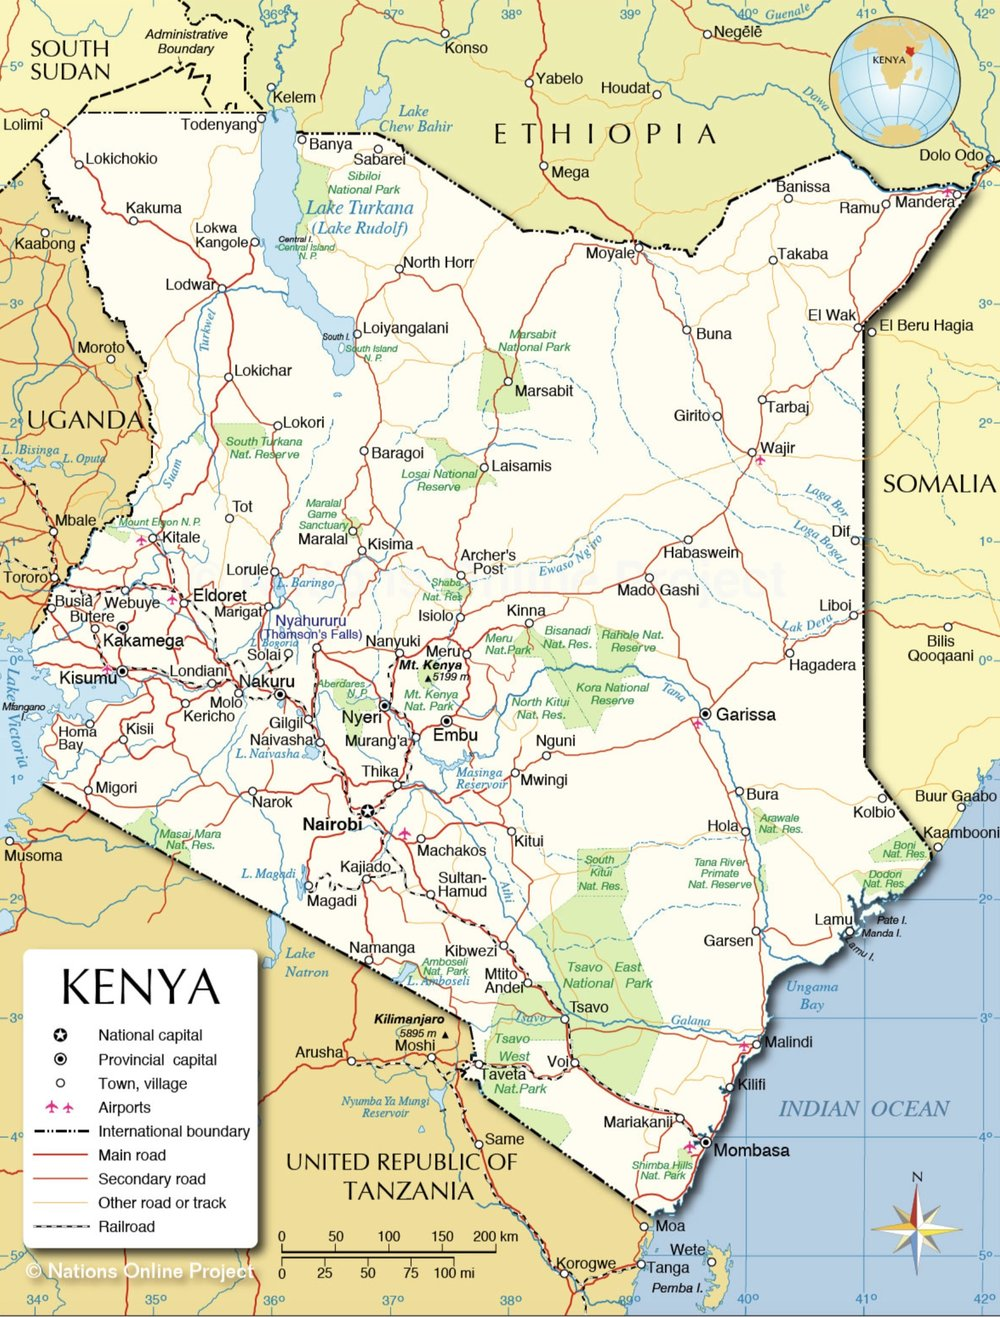 Kenya - click on map for larger version.